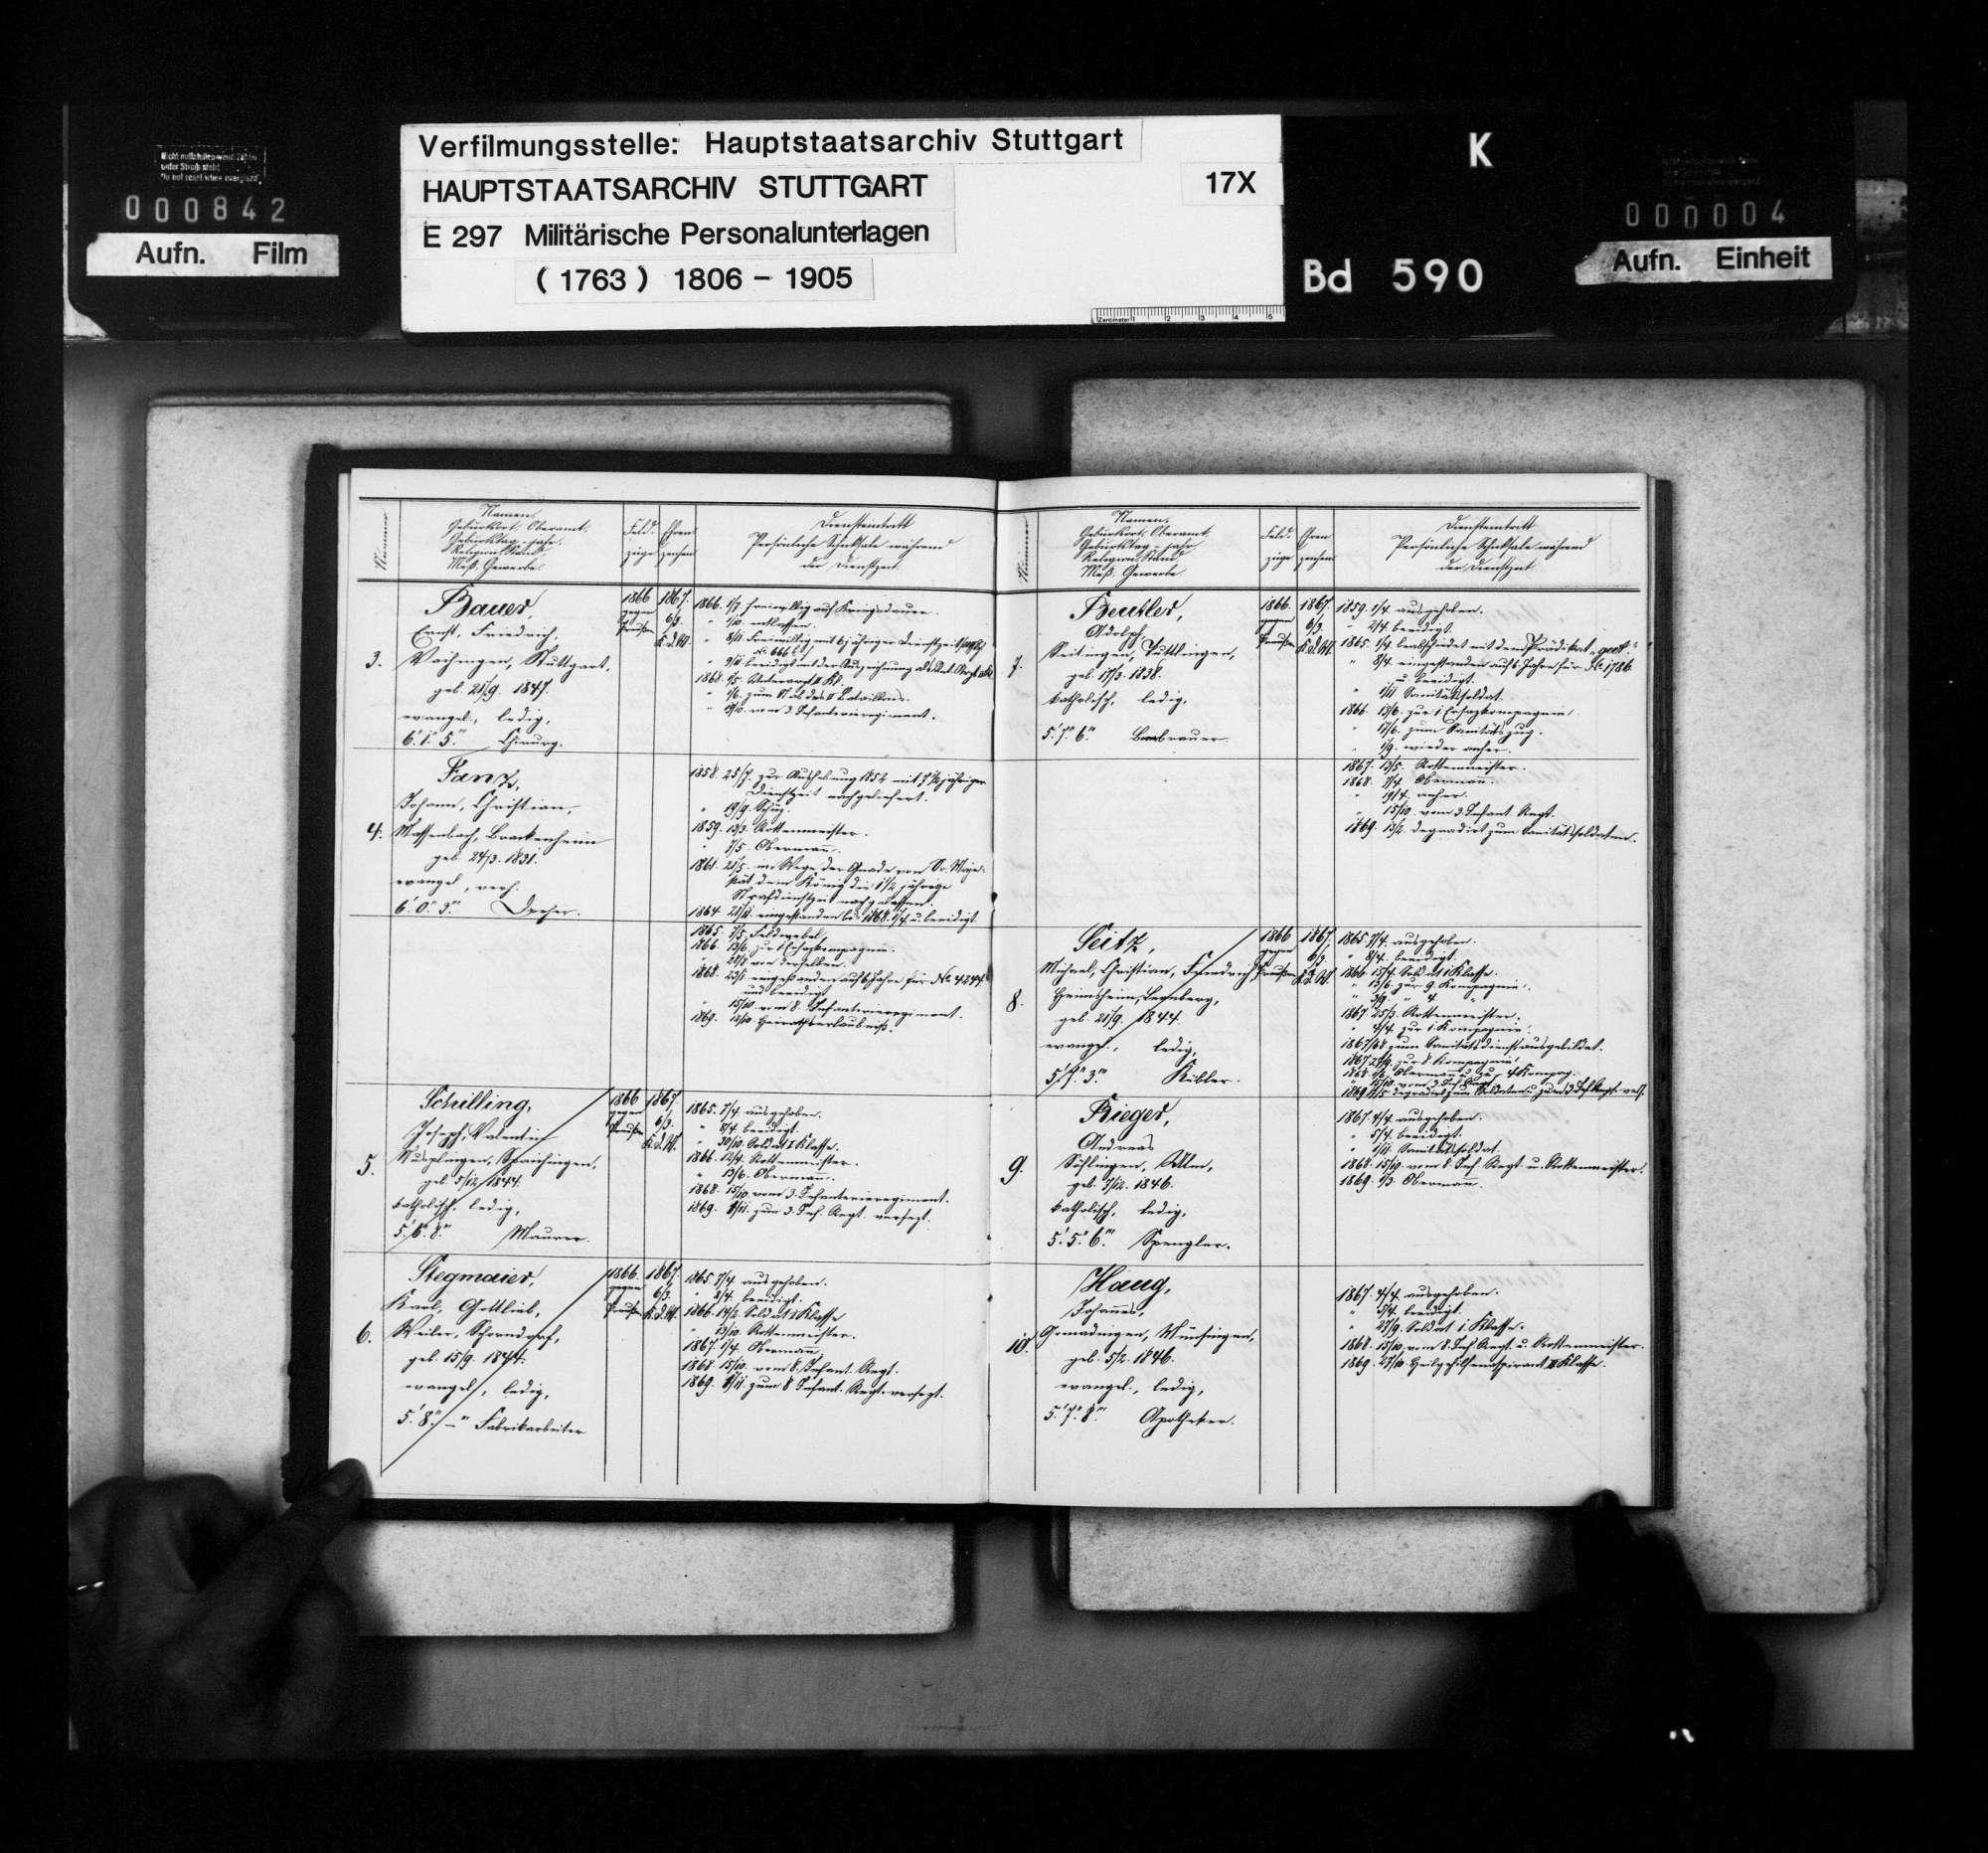 Nationalbuch der Garnisons-Sanitätsabteilung Ludwigsburg für die Aushebungsklassen der Jahrgänge 1858 - 1869, Bild 3